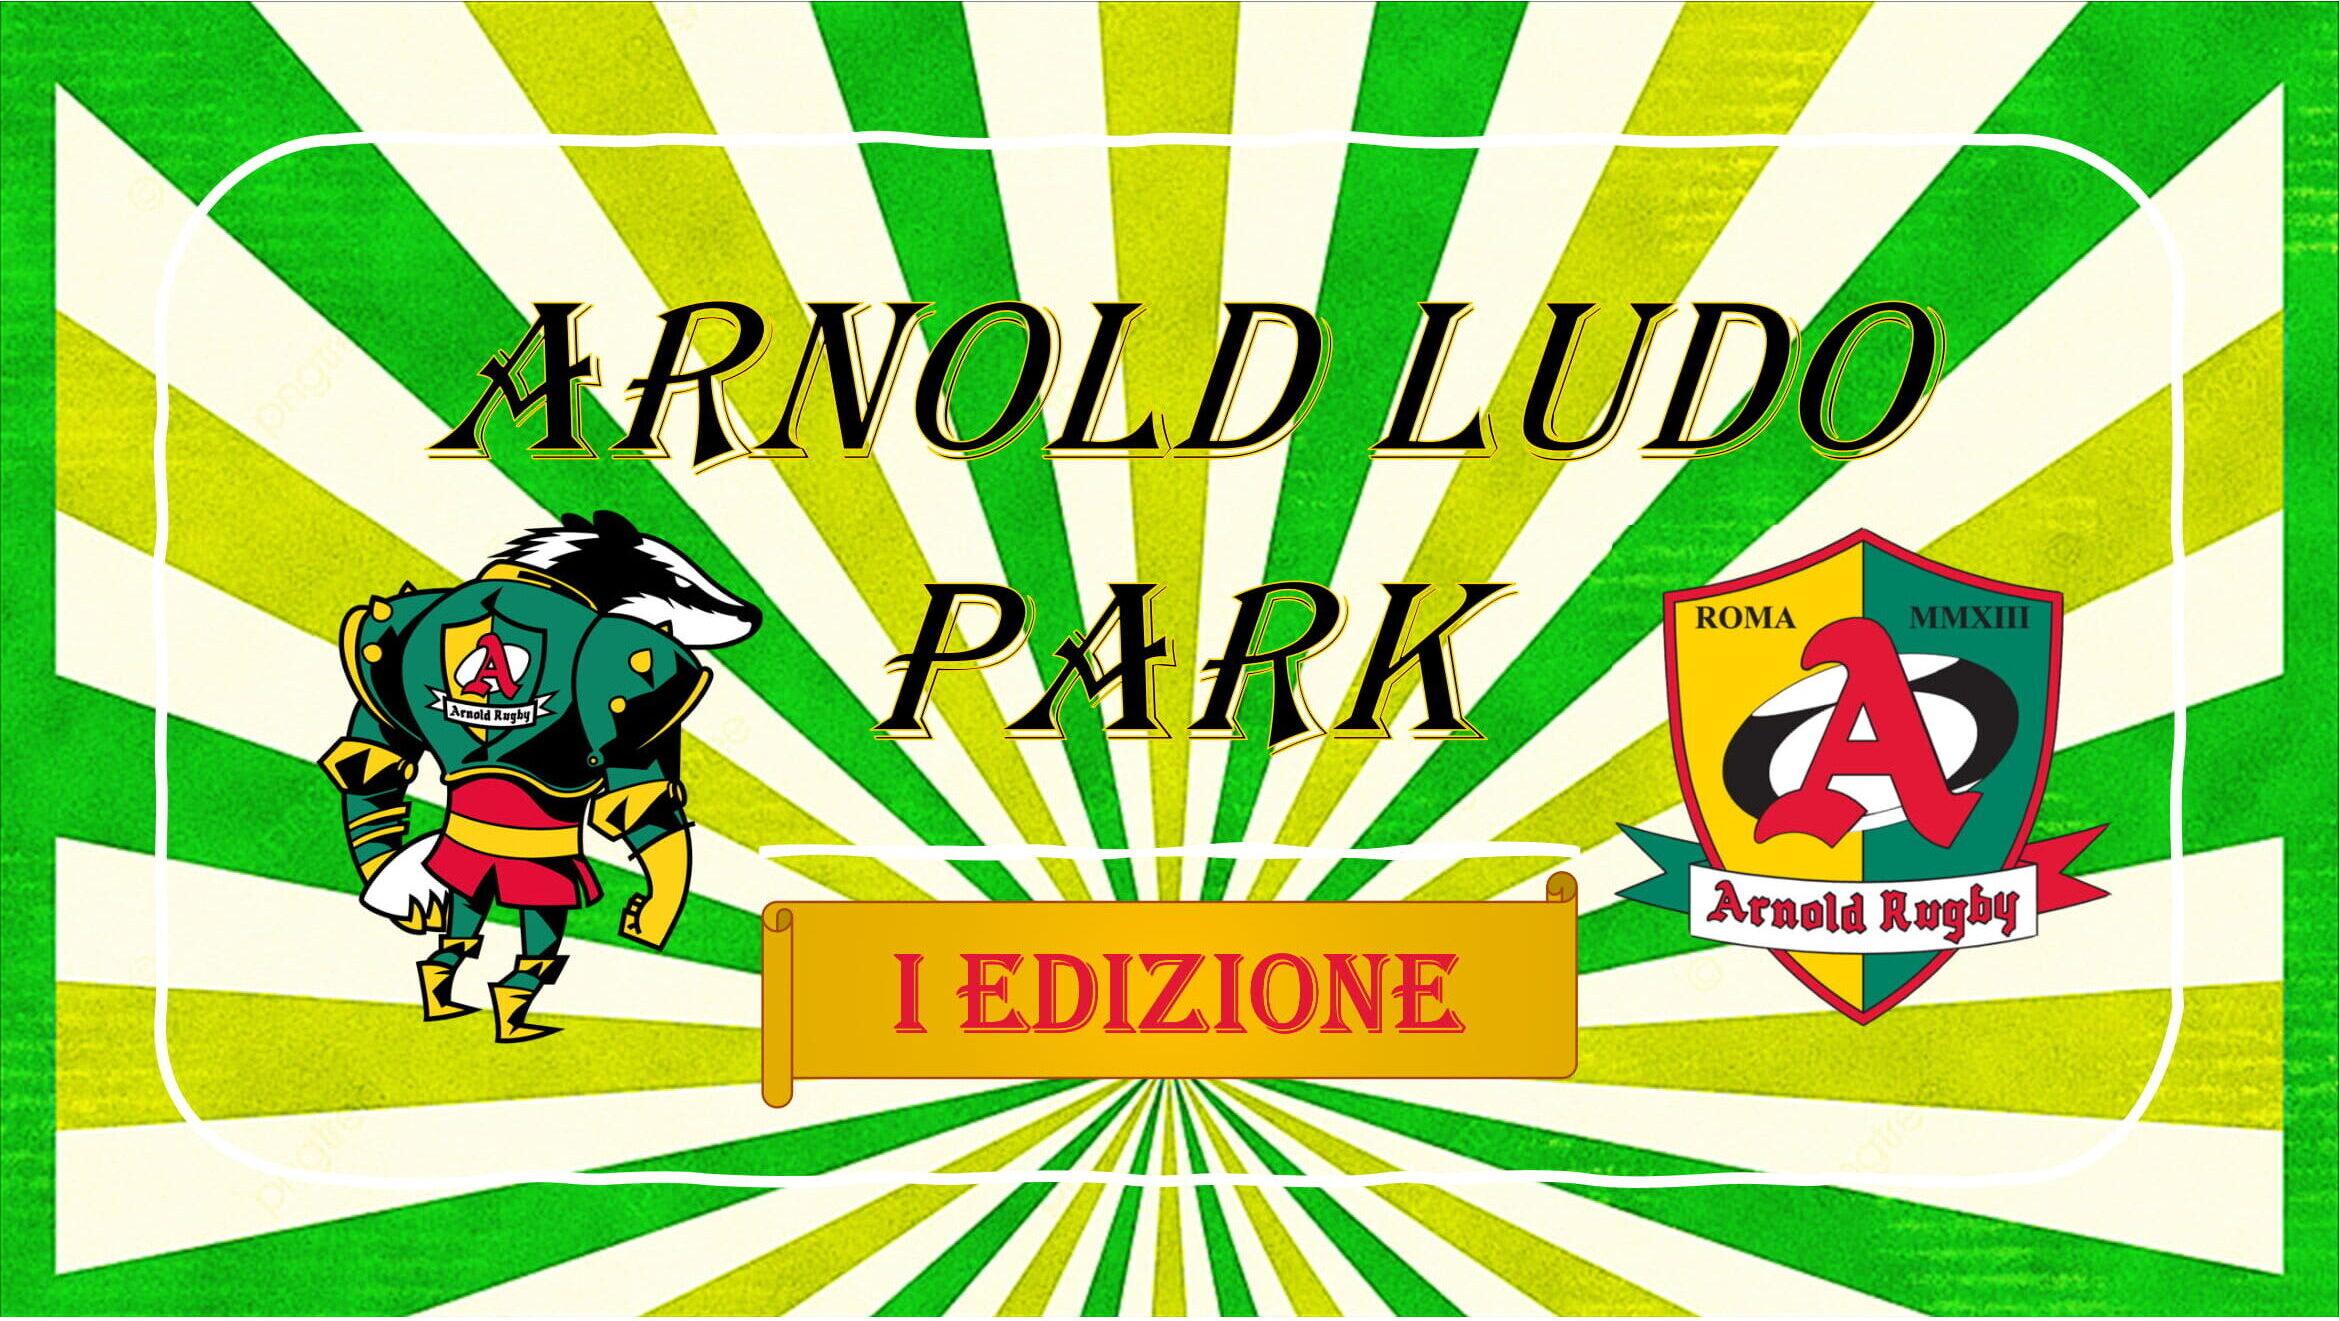 Arnold Ludo Park